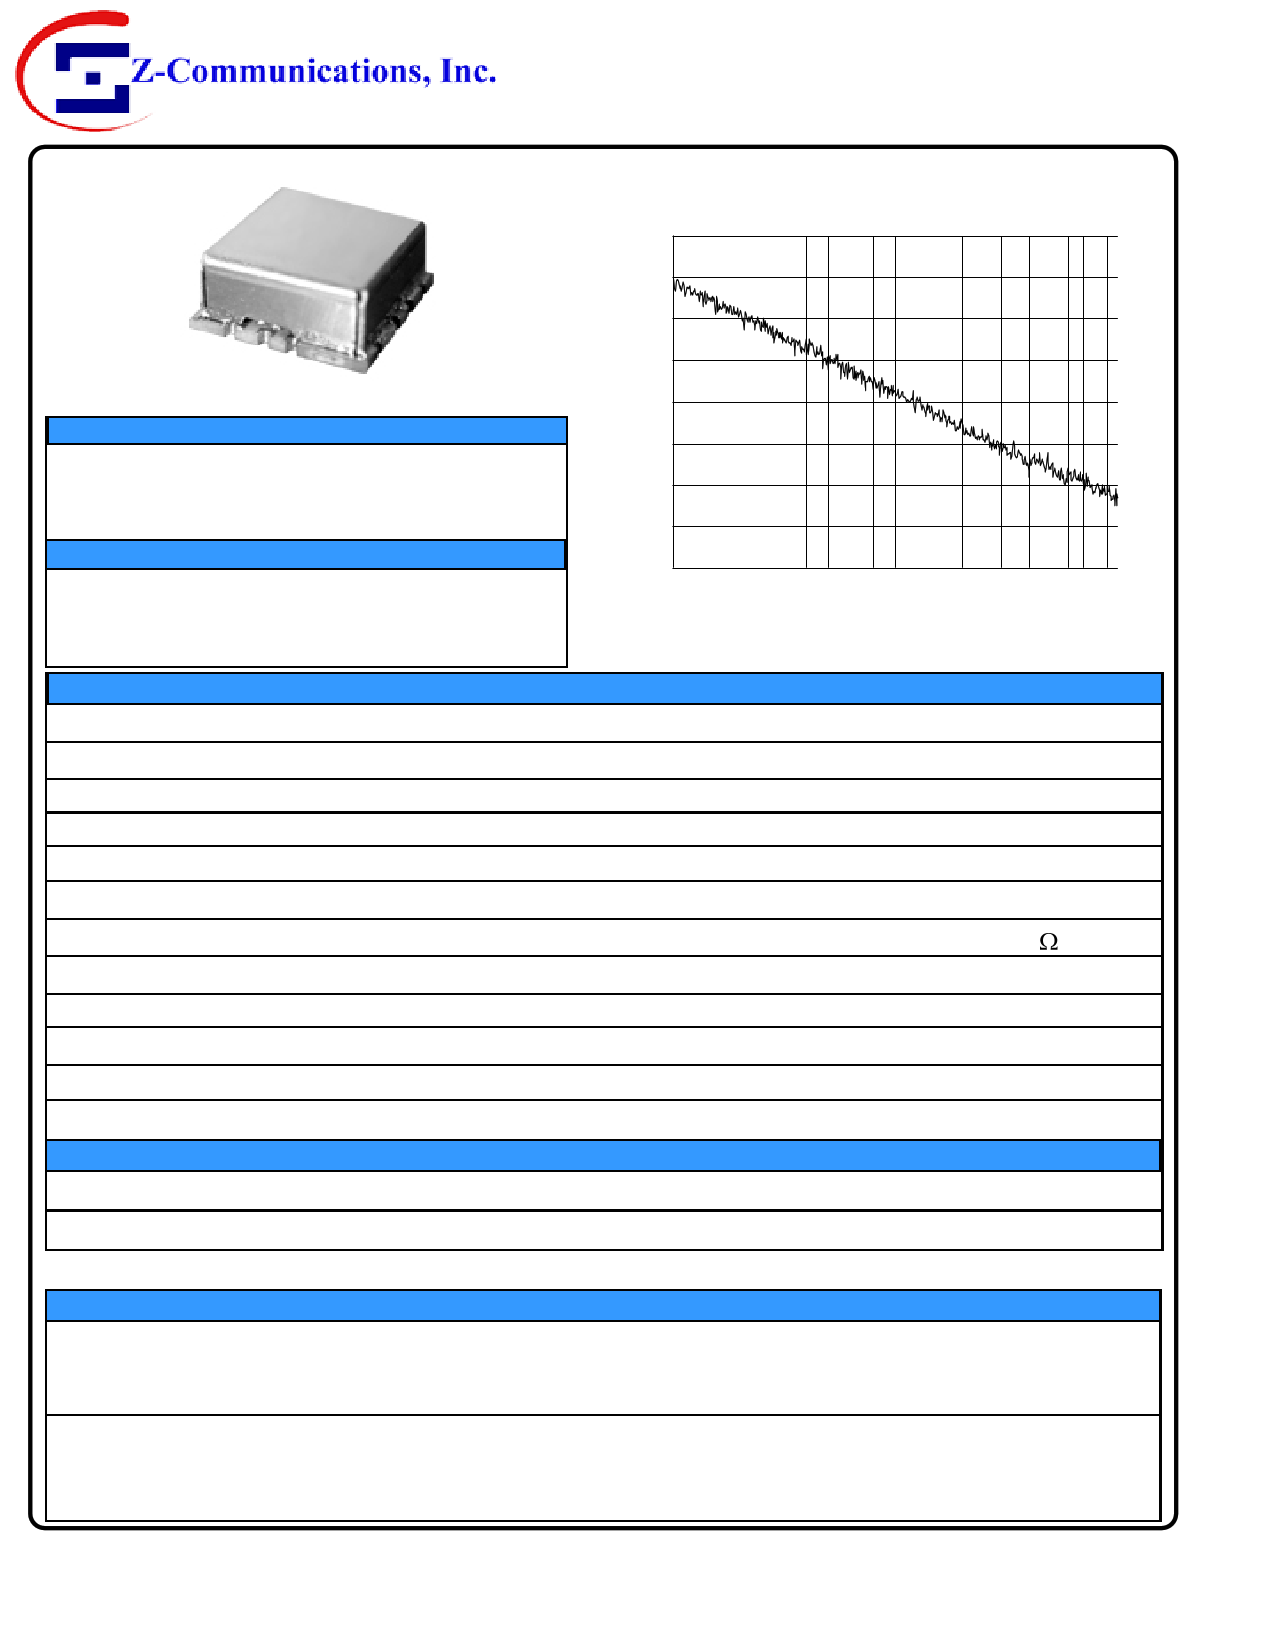 V844ME05-LF Datasheet, V844ME05-LF PDF,ピン配置, 機能